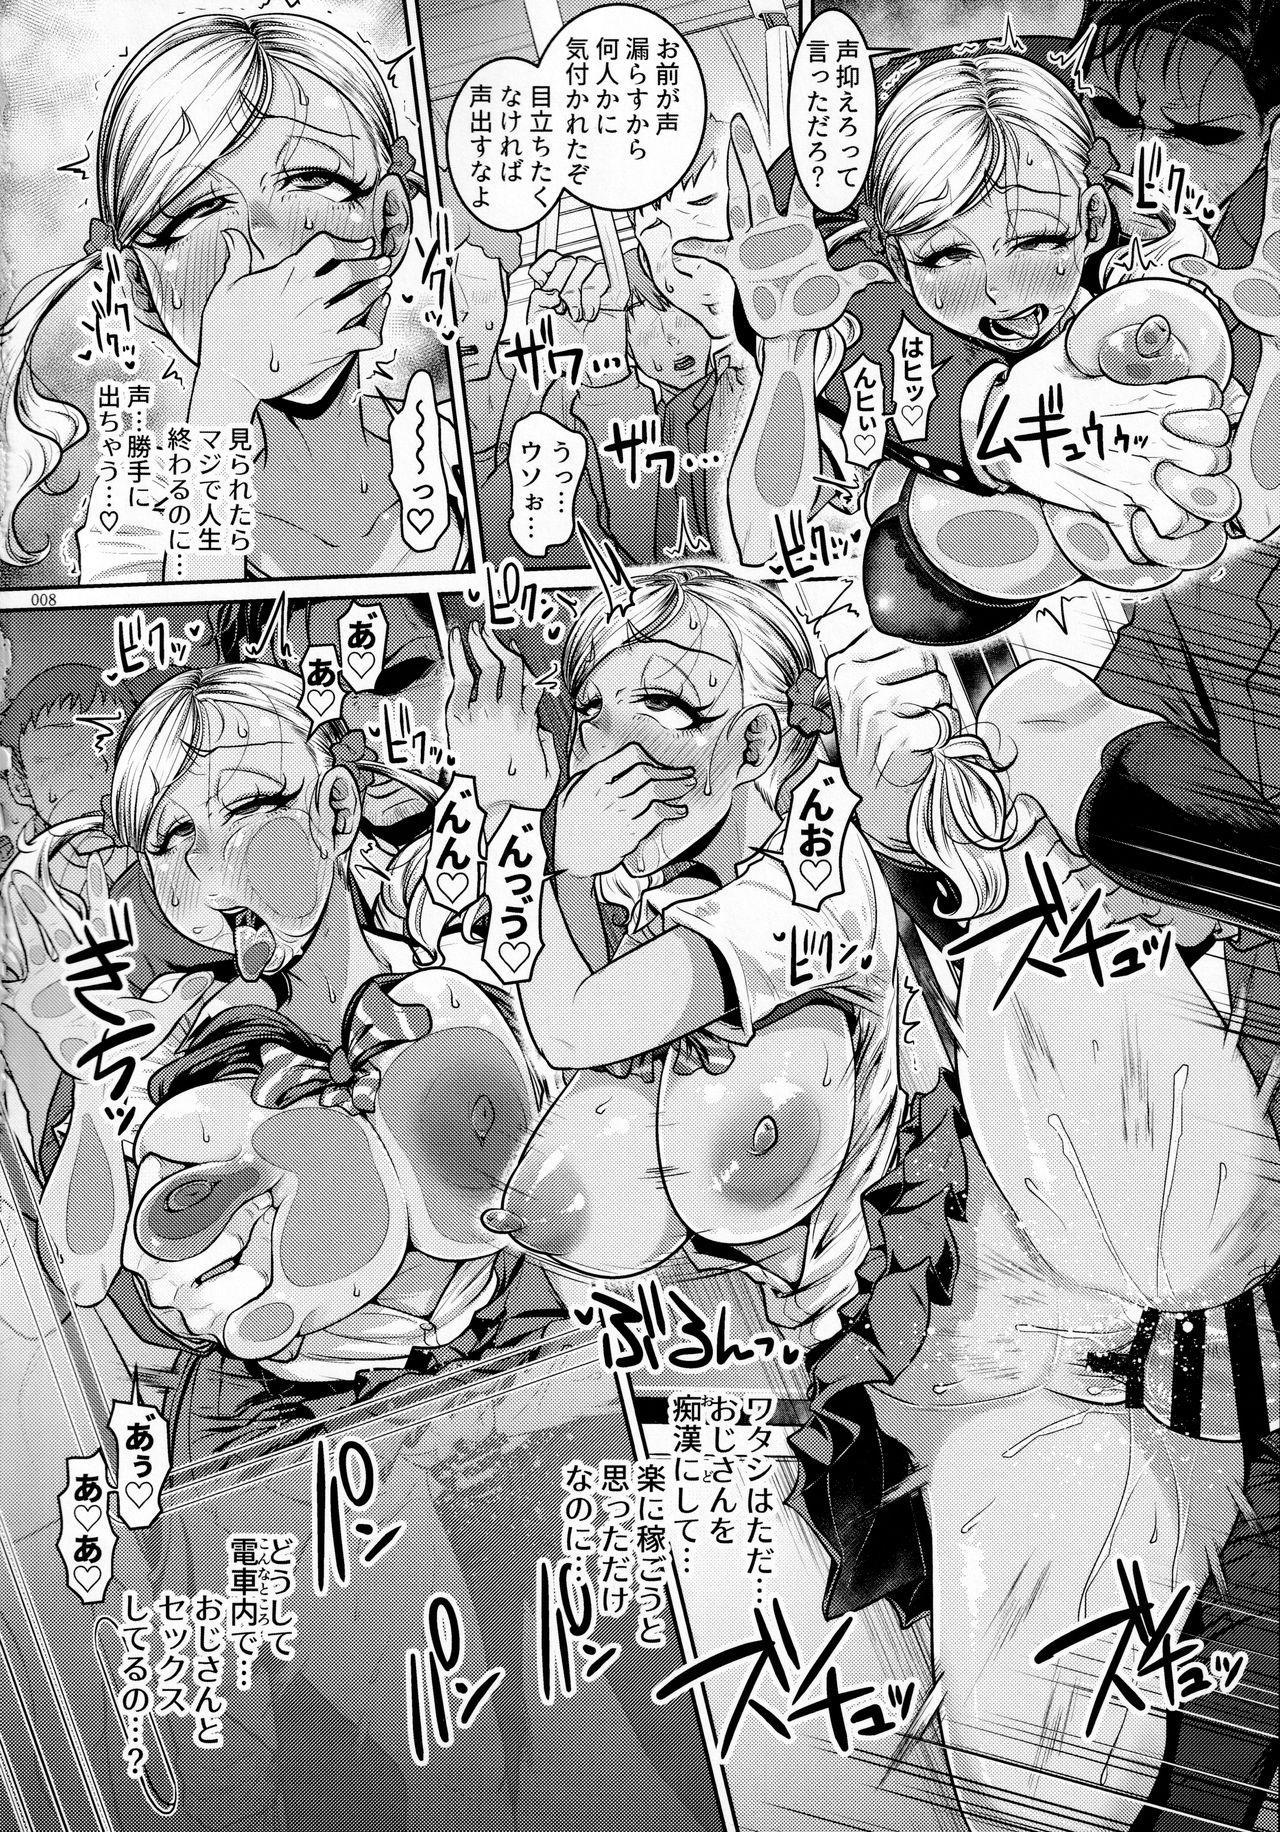 Yonaoshi ojisan VS chikan enzai gurogyaru JK 6